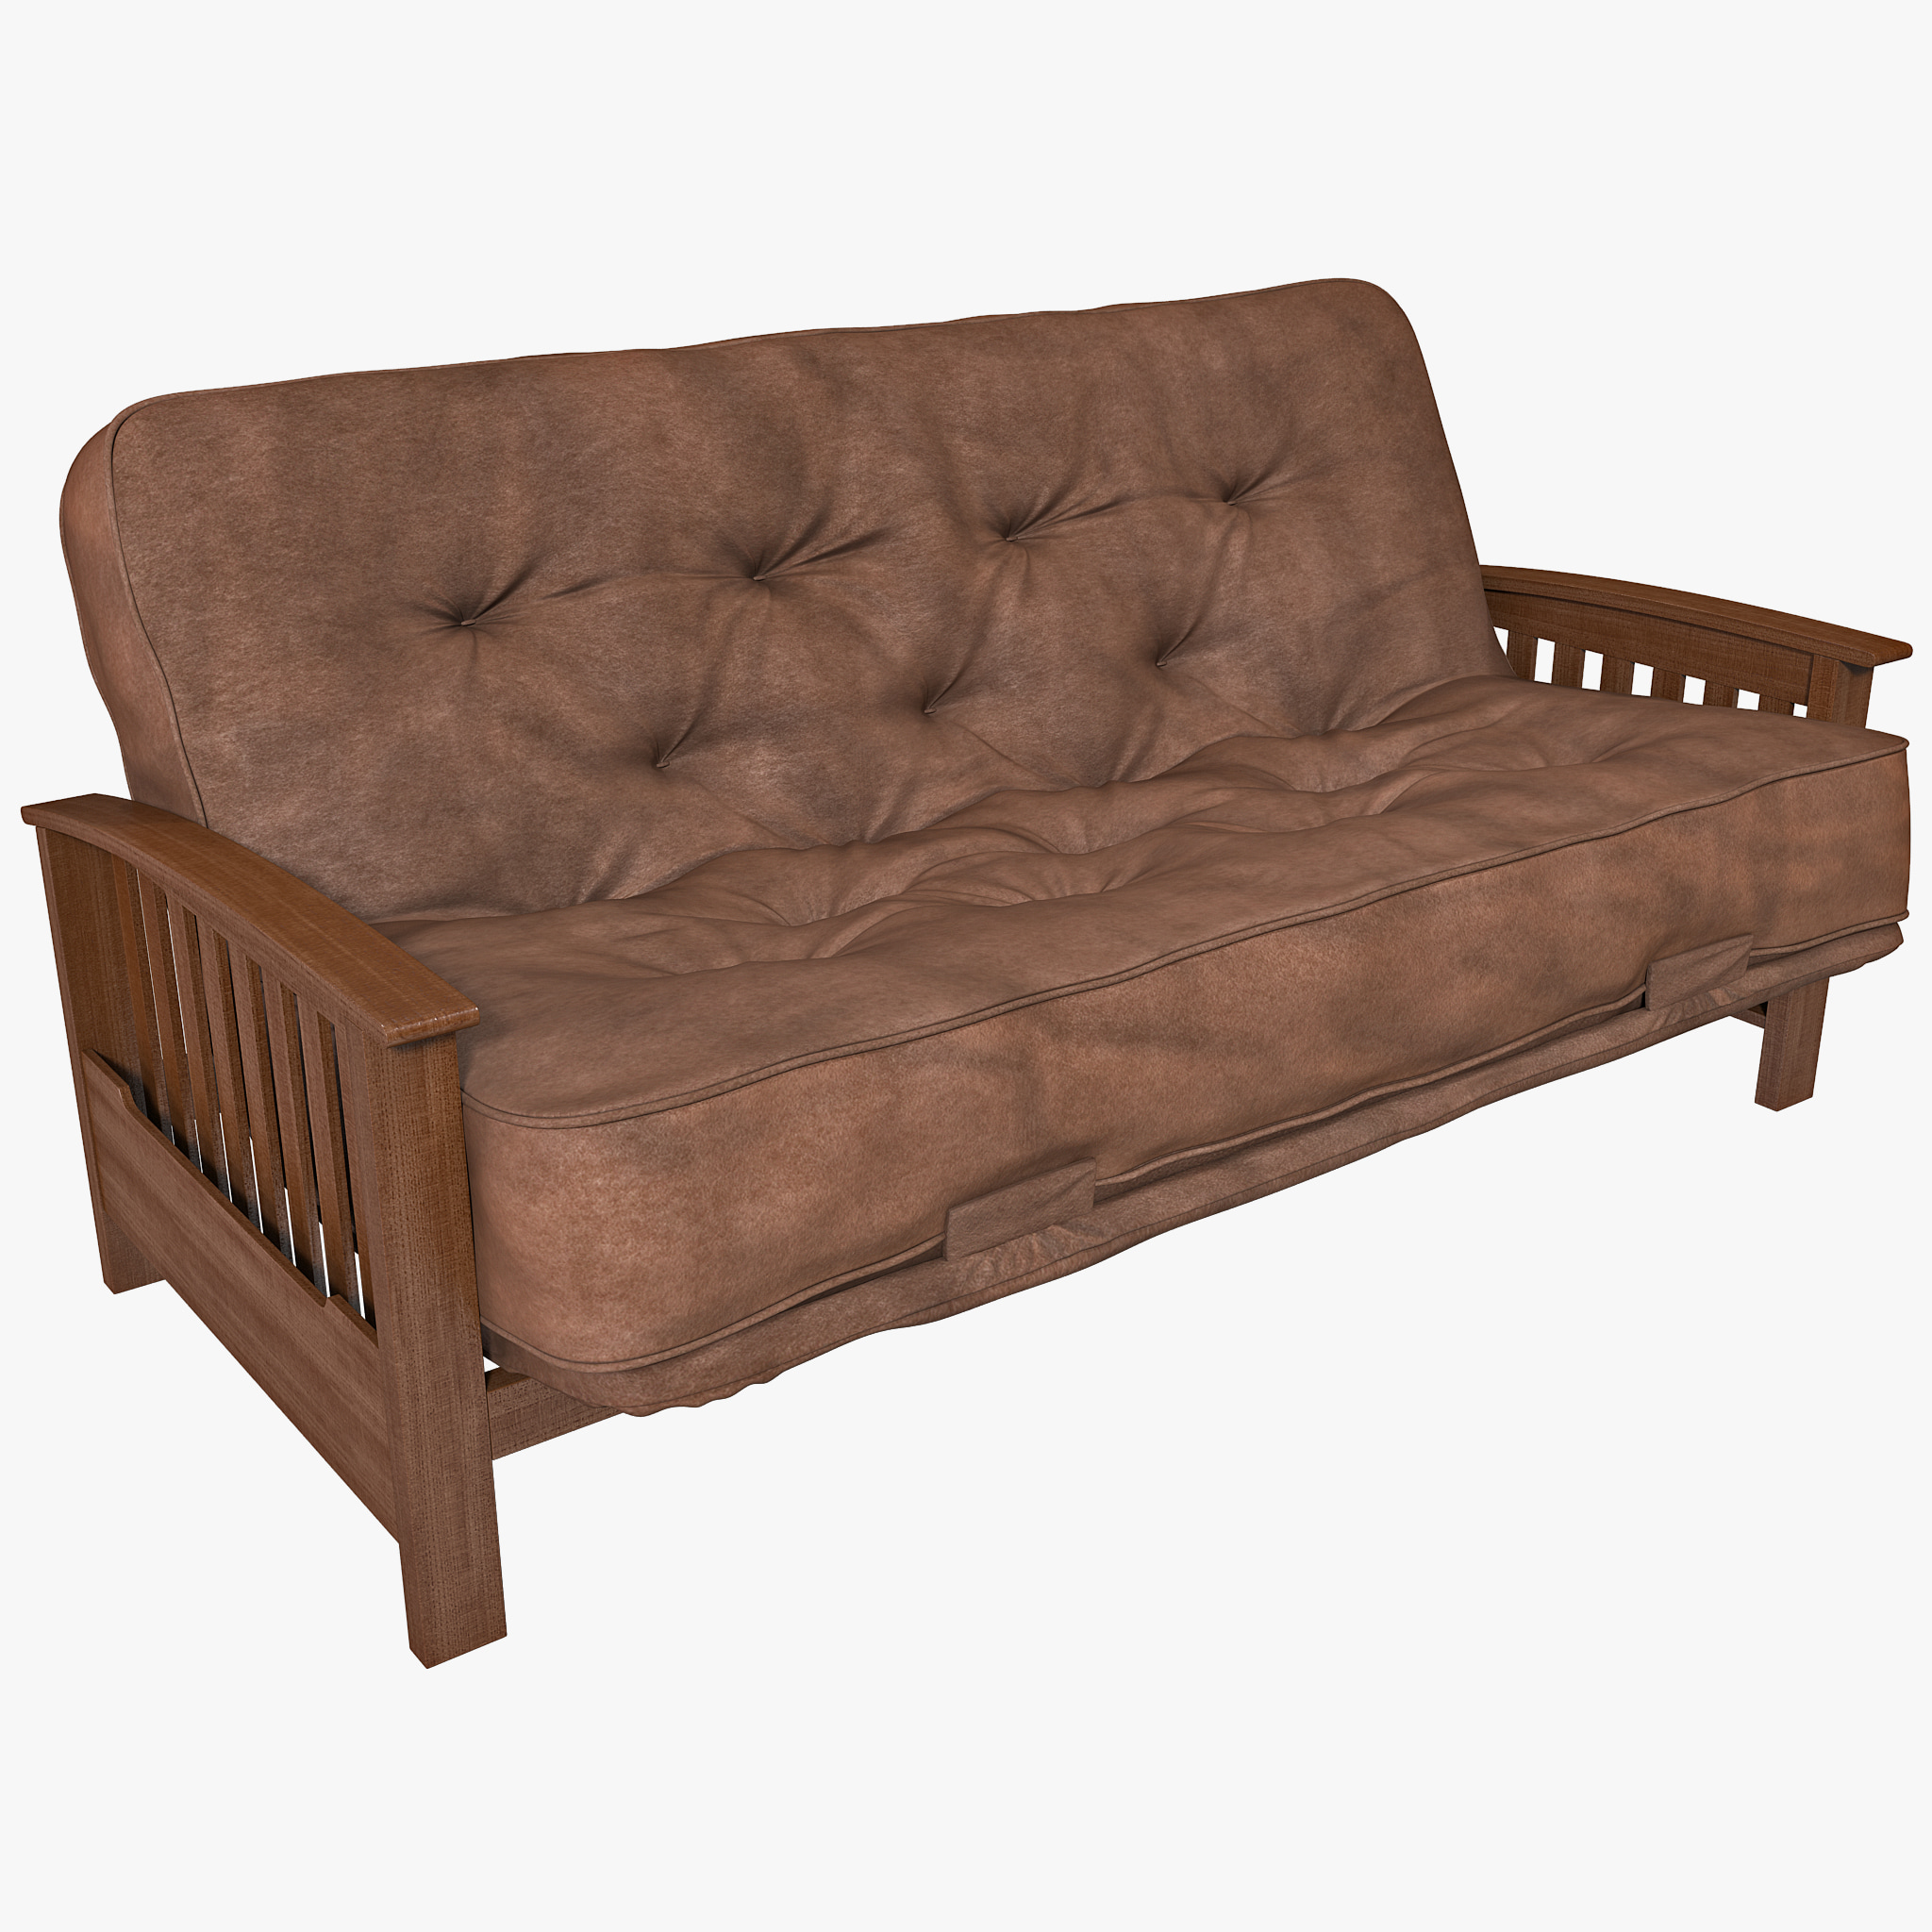 Sofa futon 3d model for Sofa bed 3d model